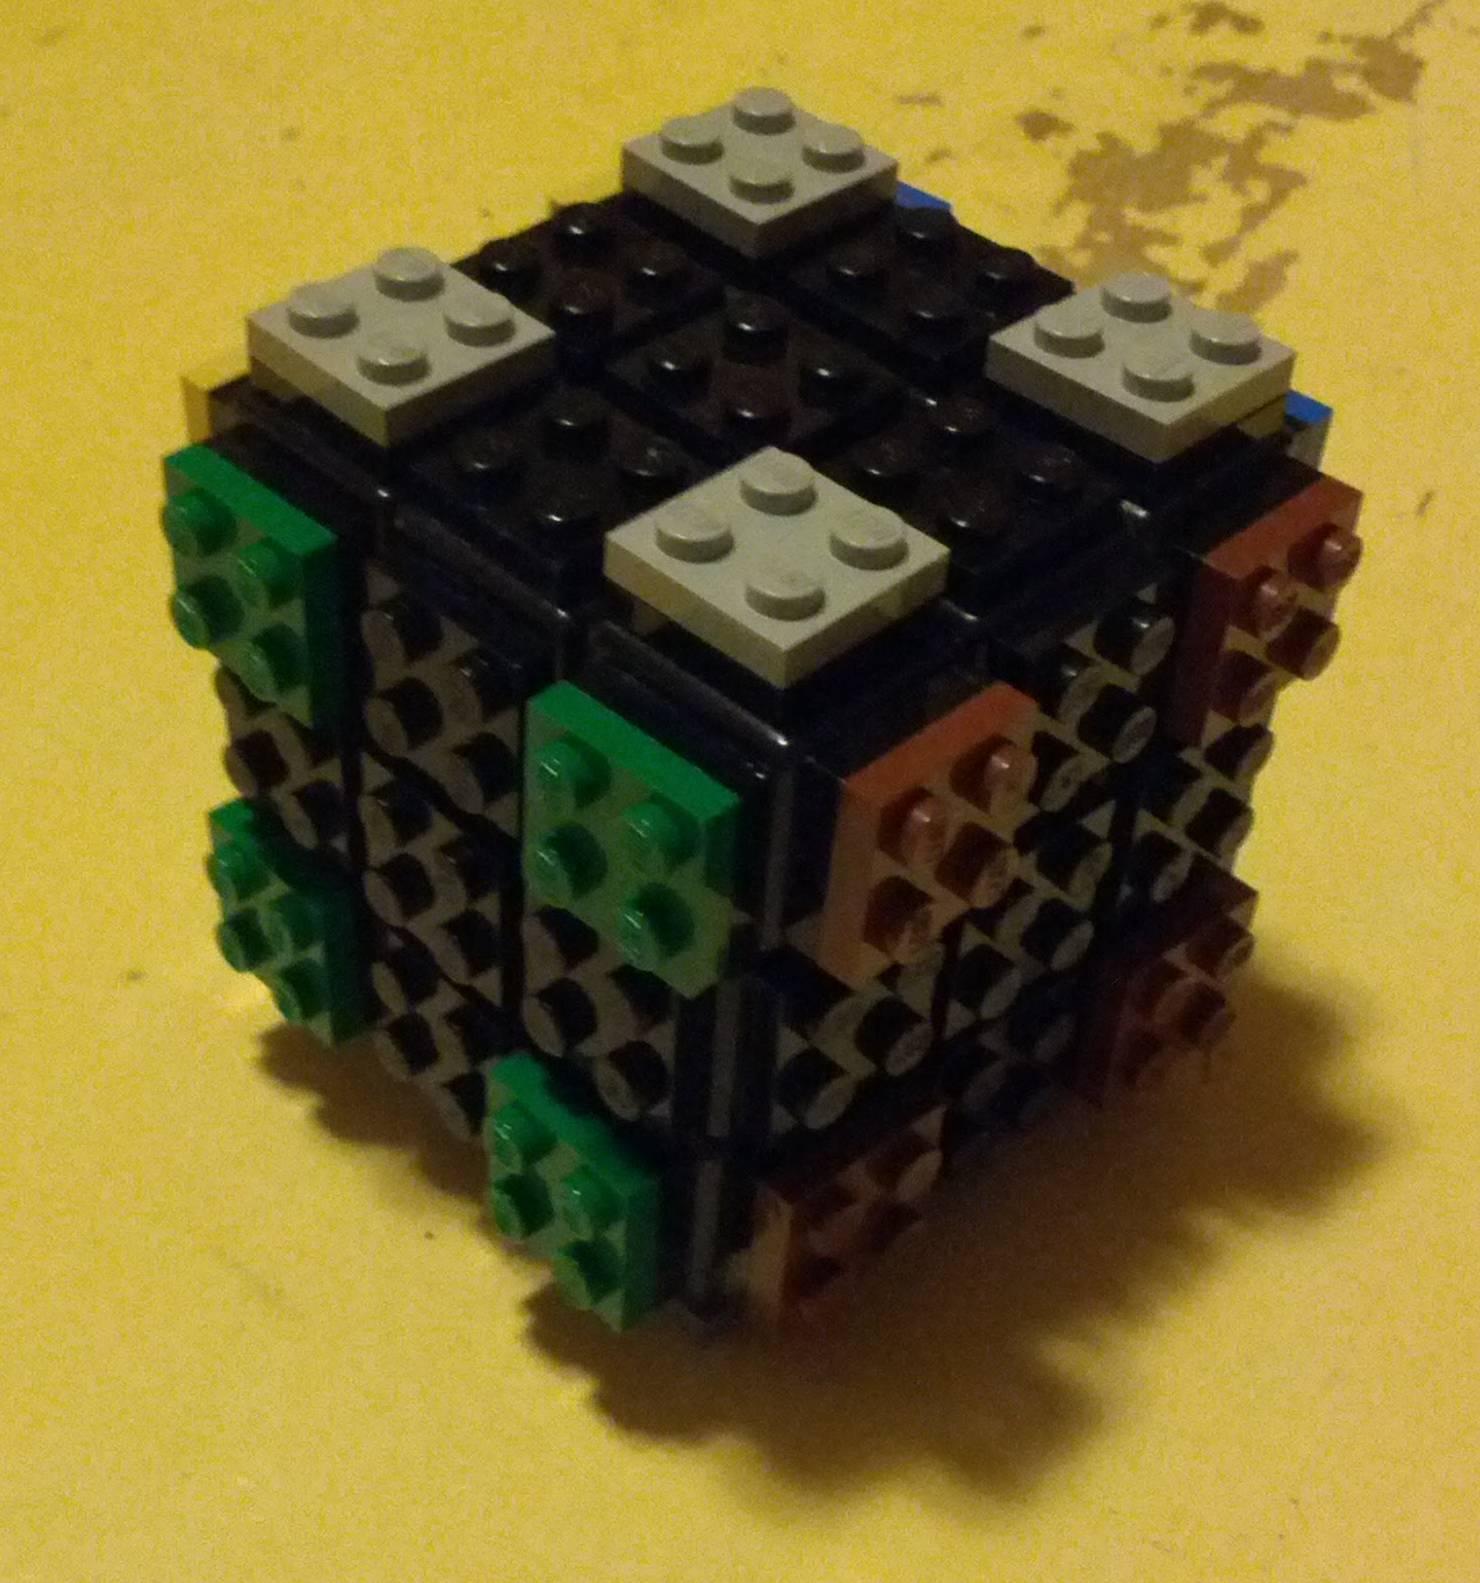 2x2 lego cube